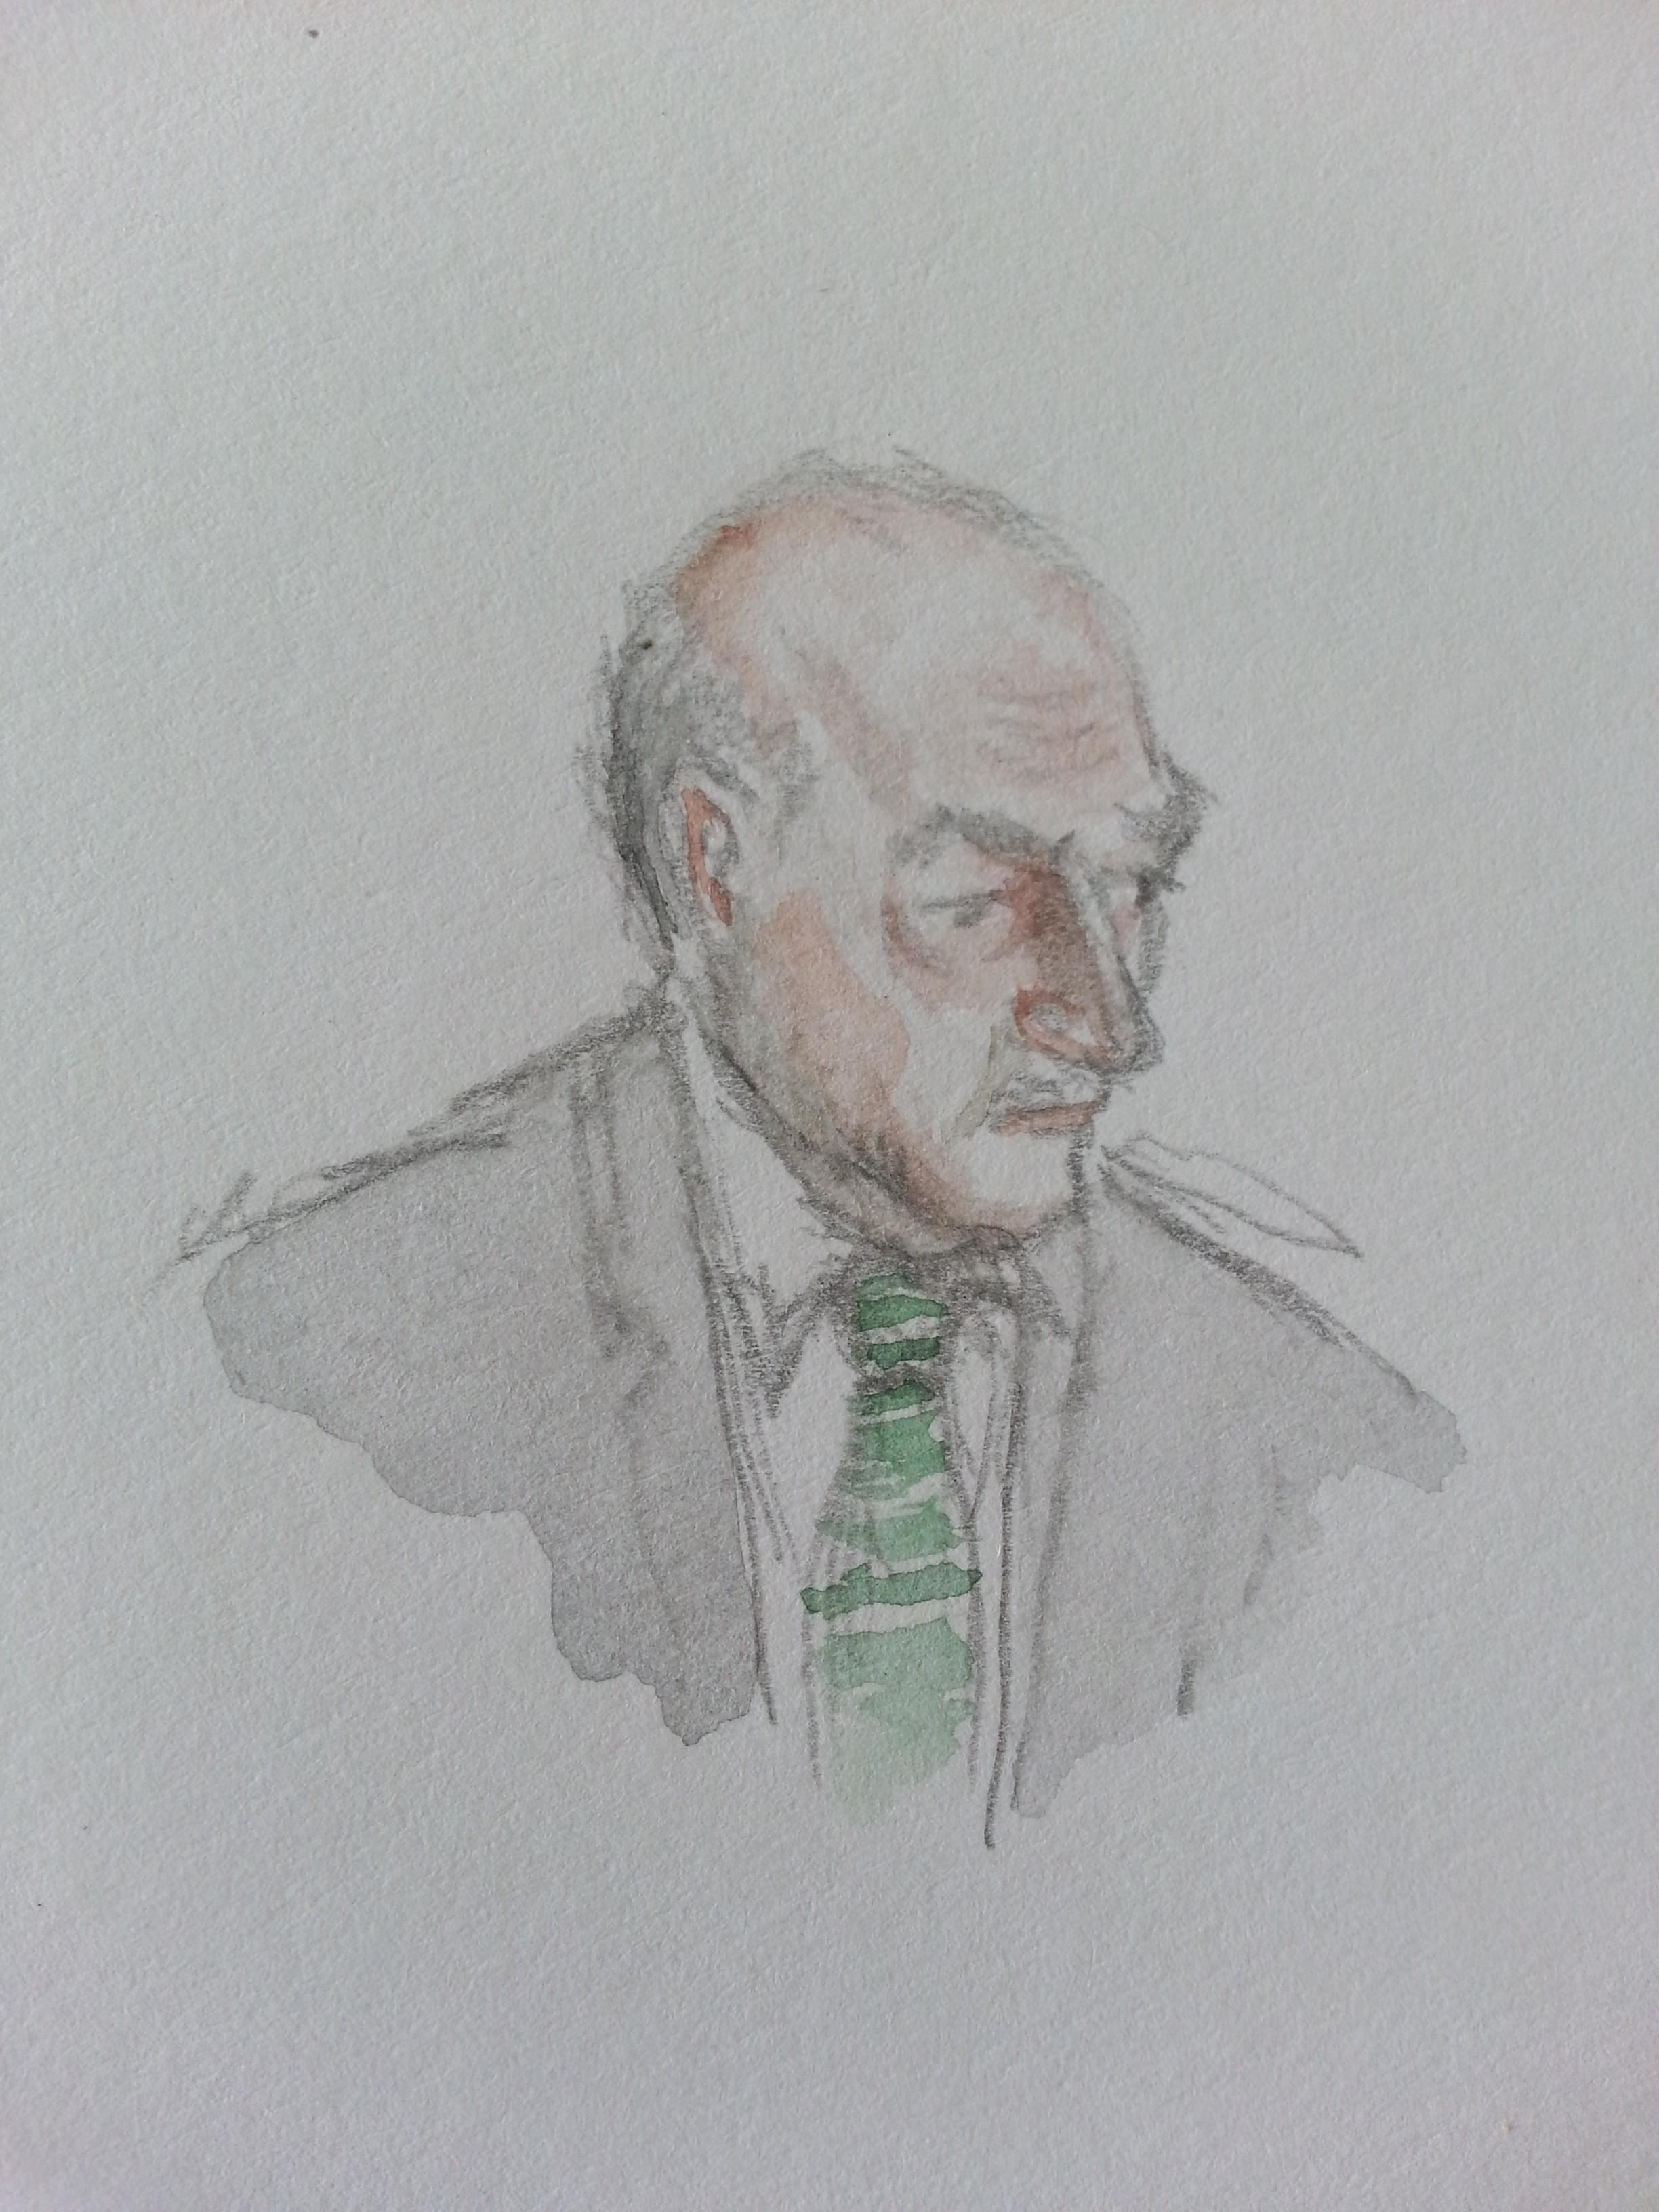 BND-Präsident Gerhard Schindler bei seiner Anhörung. Zeichnung: Stella Schiffczyk.